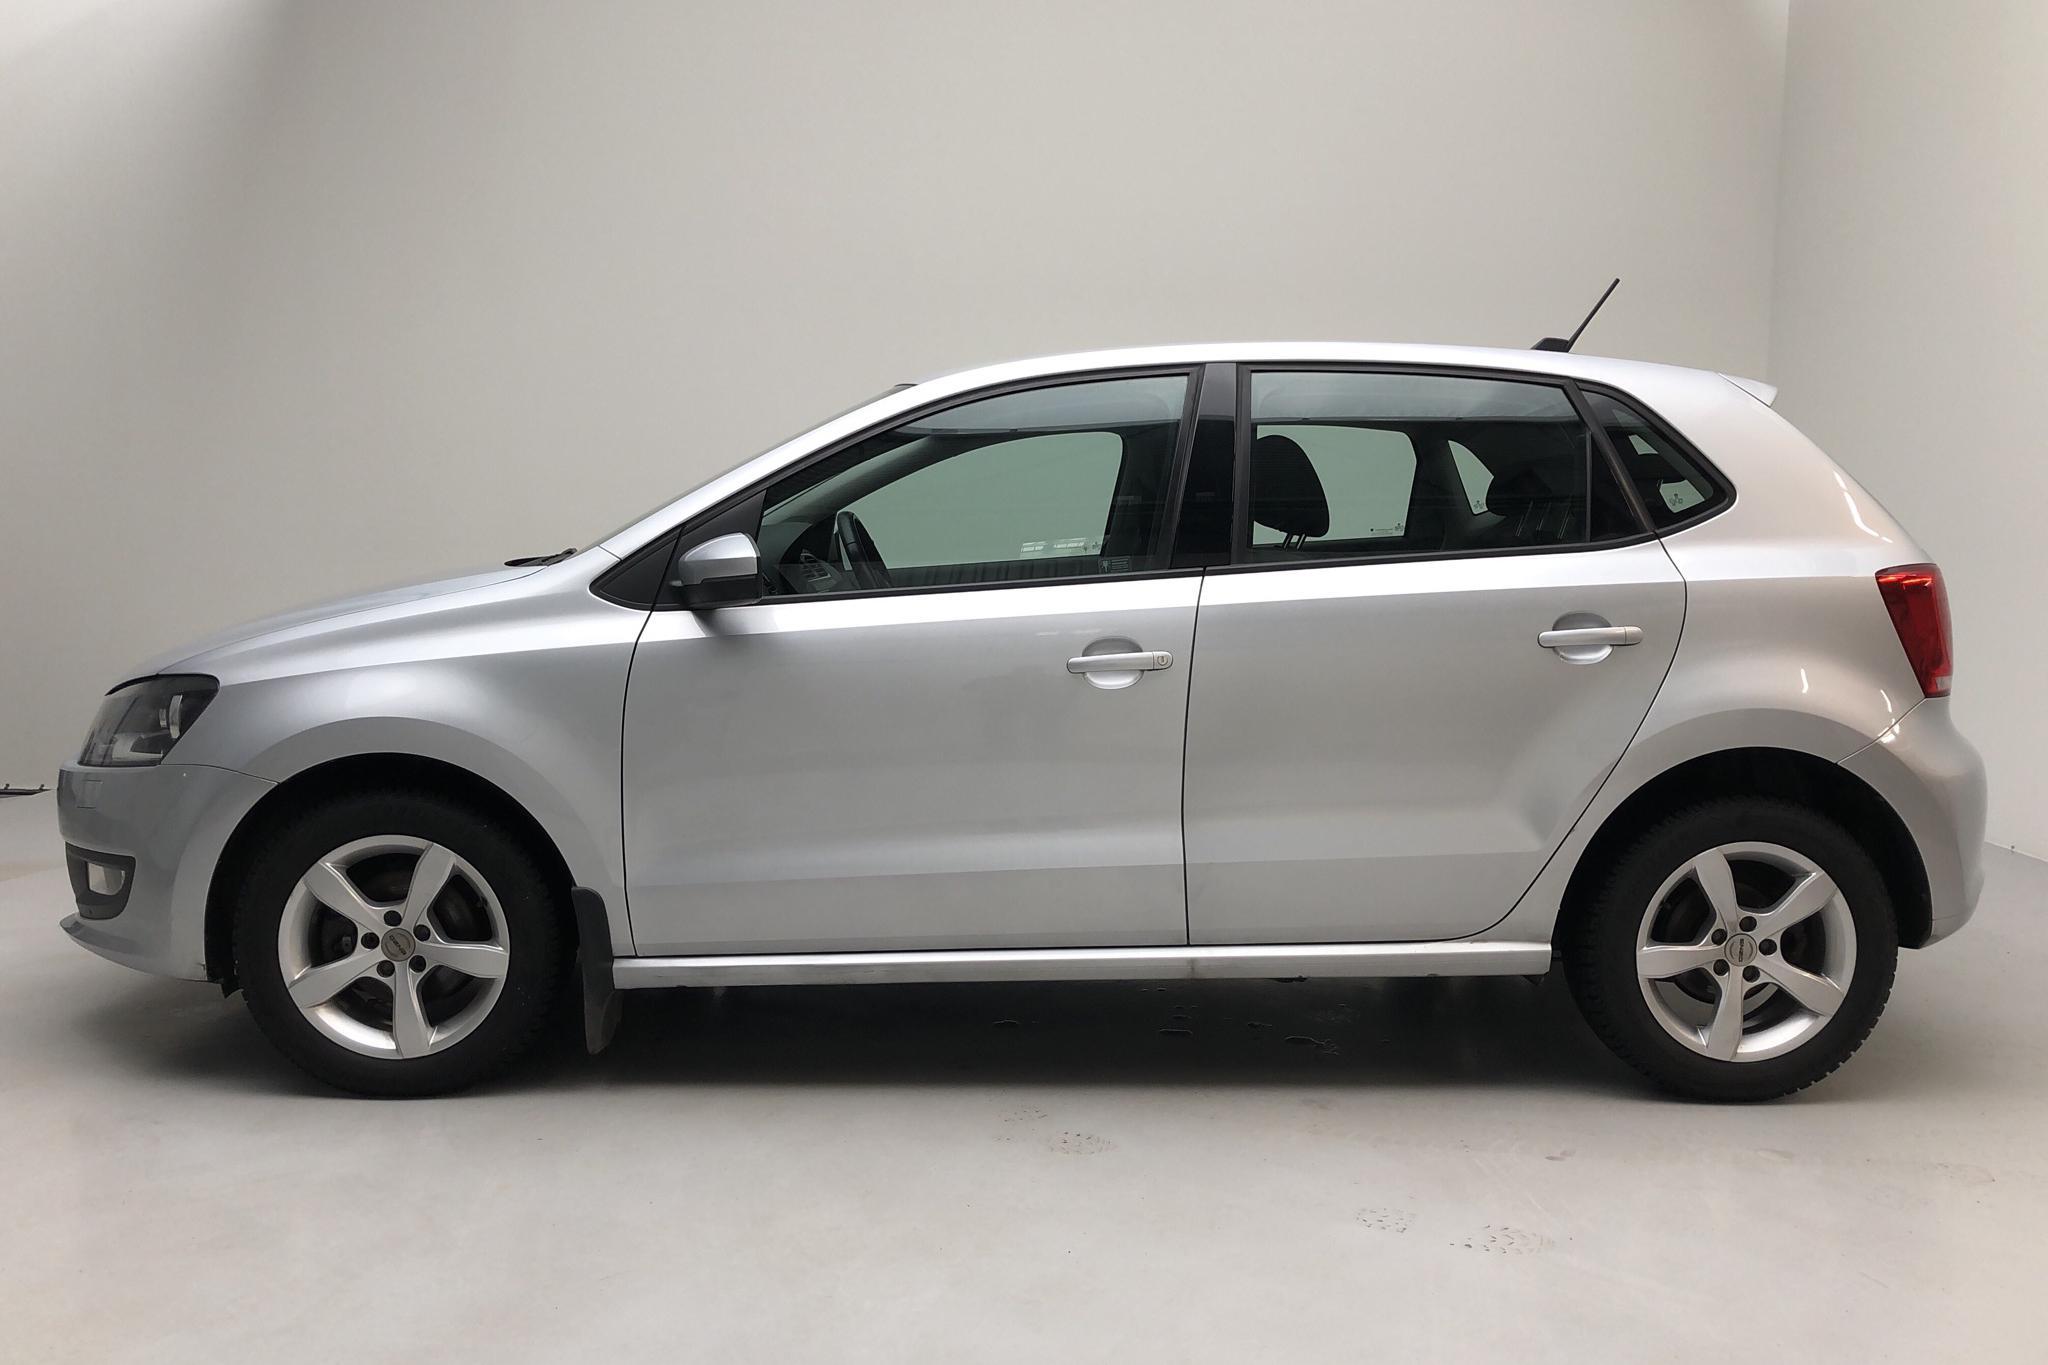 VW Polo 1.2 TSI 5dr (90hk) - 180 290 km - Manual - silver - 2013